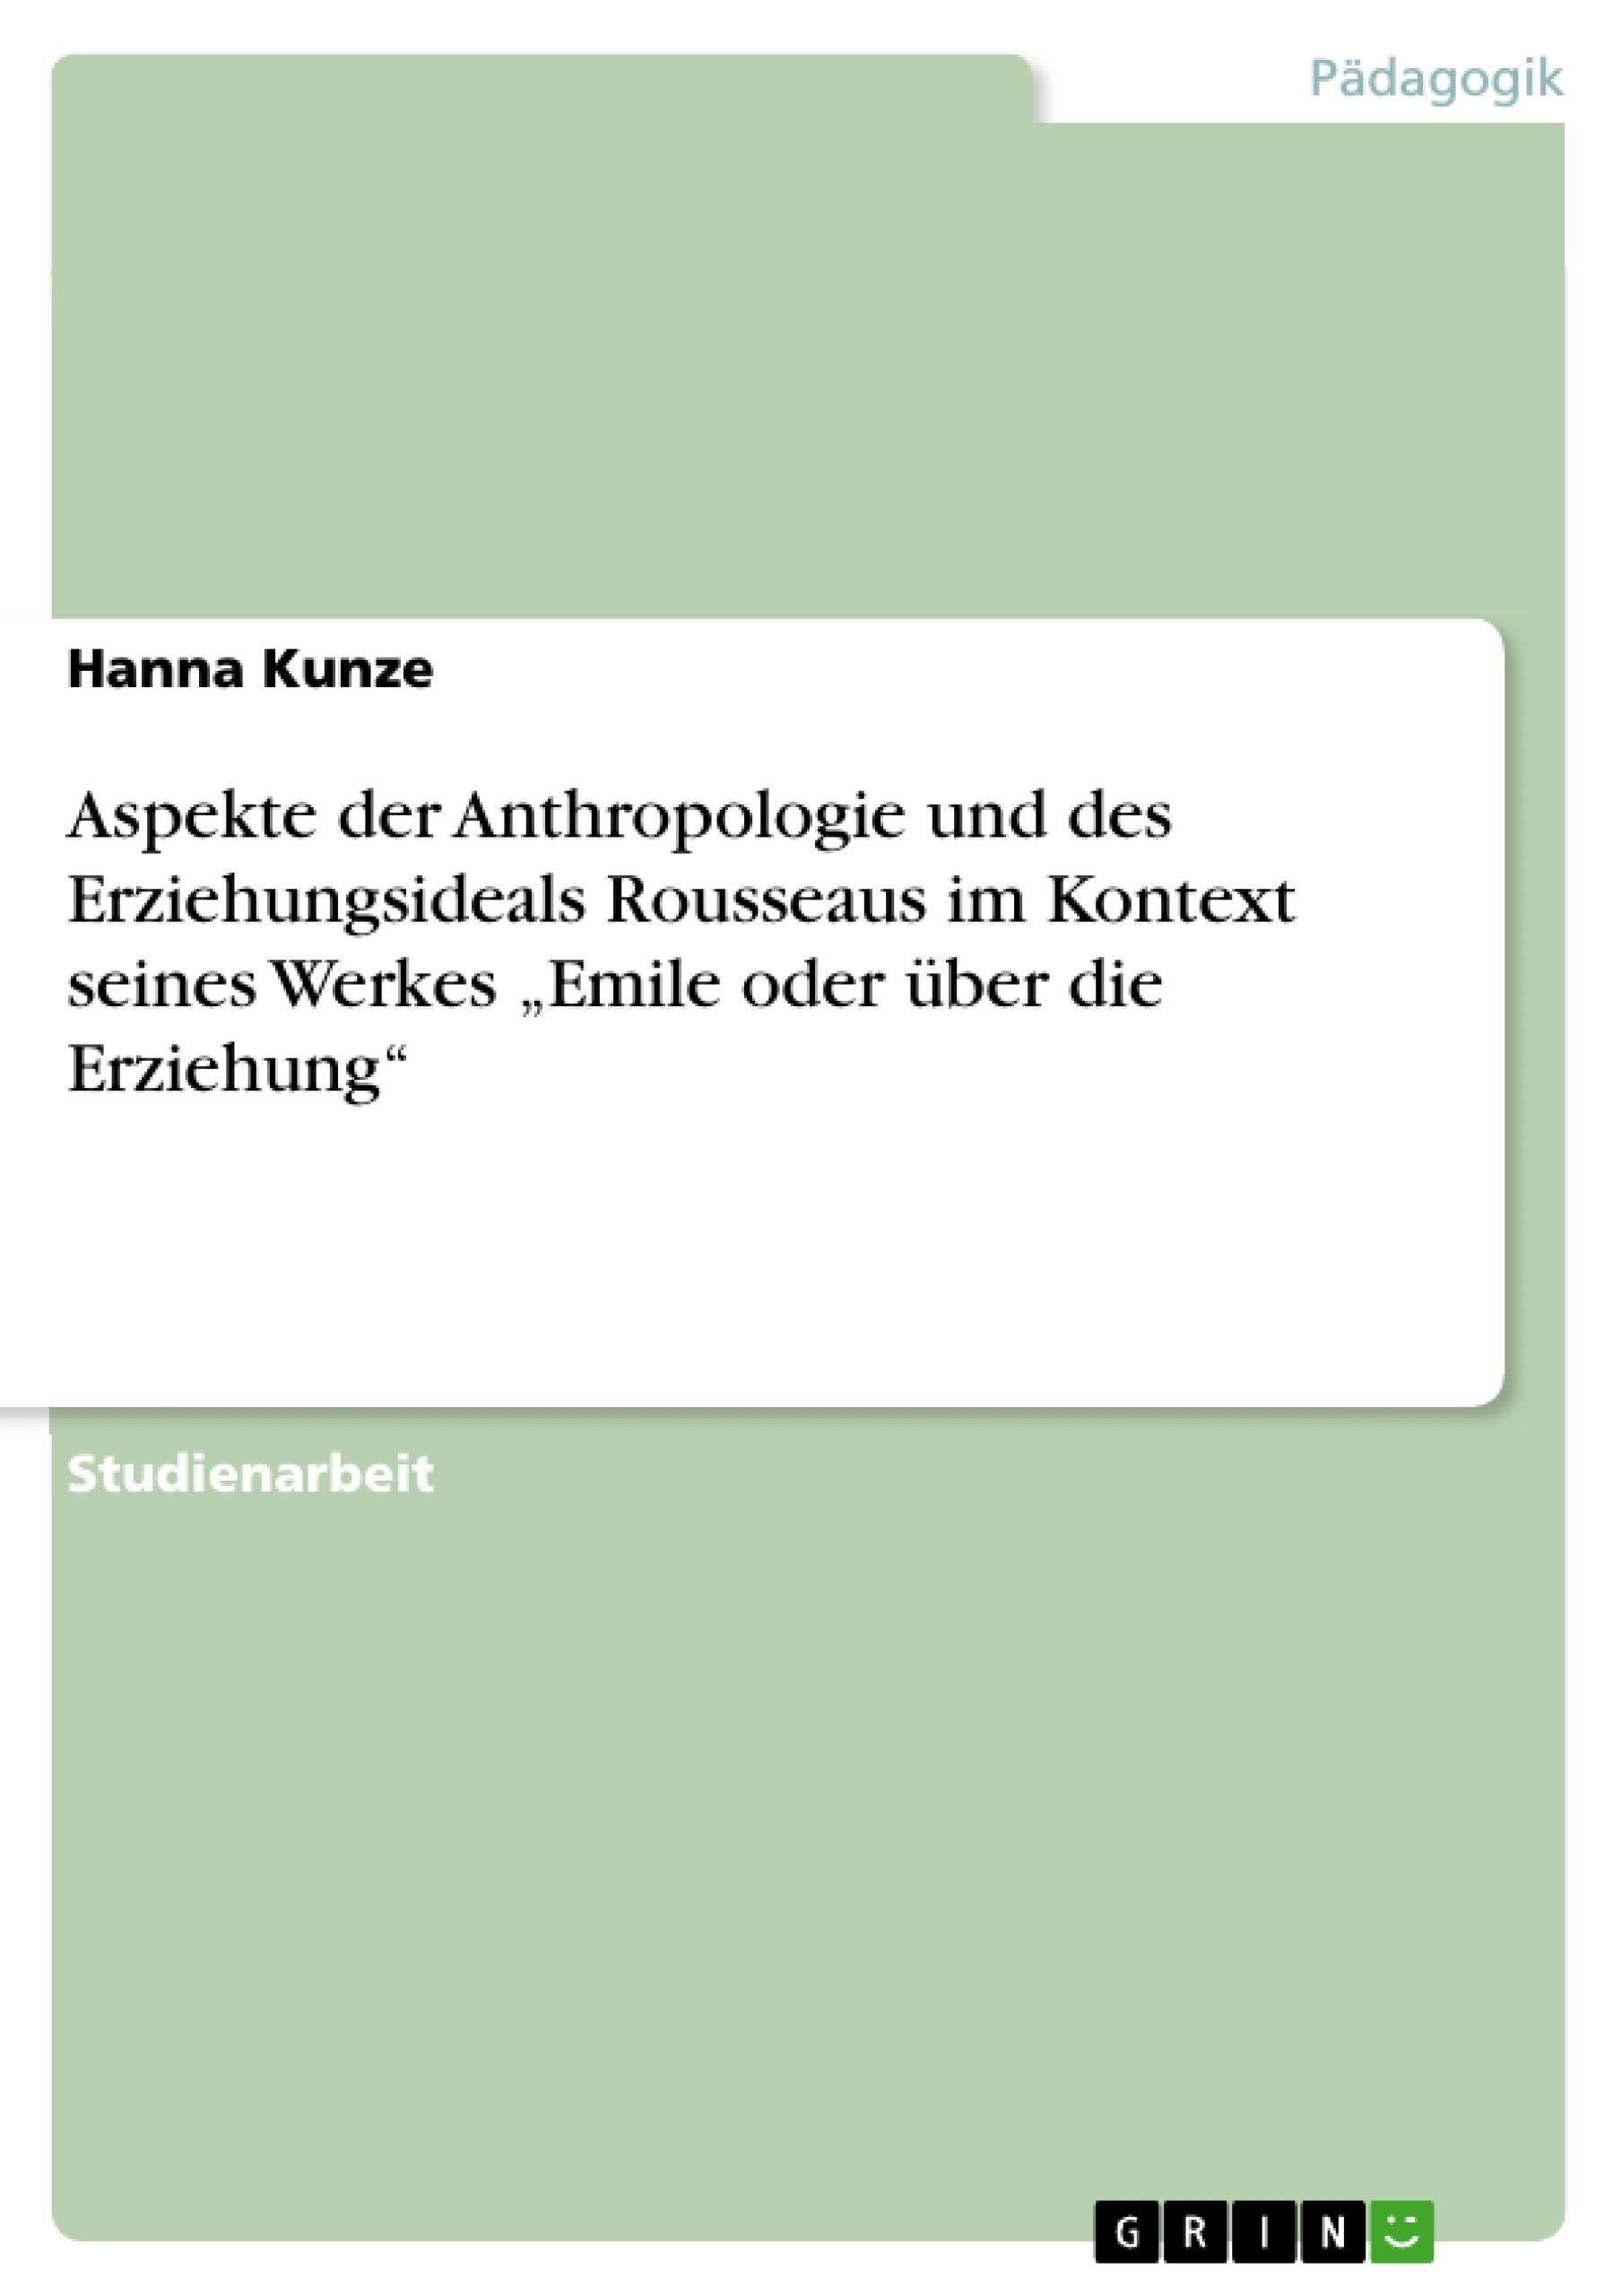 """Titel: Aspekte der Anthropologie und des Erziehungsideals Rousseaus im Kontext seines Werkes """"Emile oder über die Erziehung"""""""